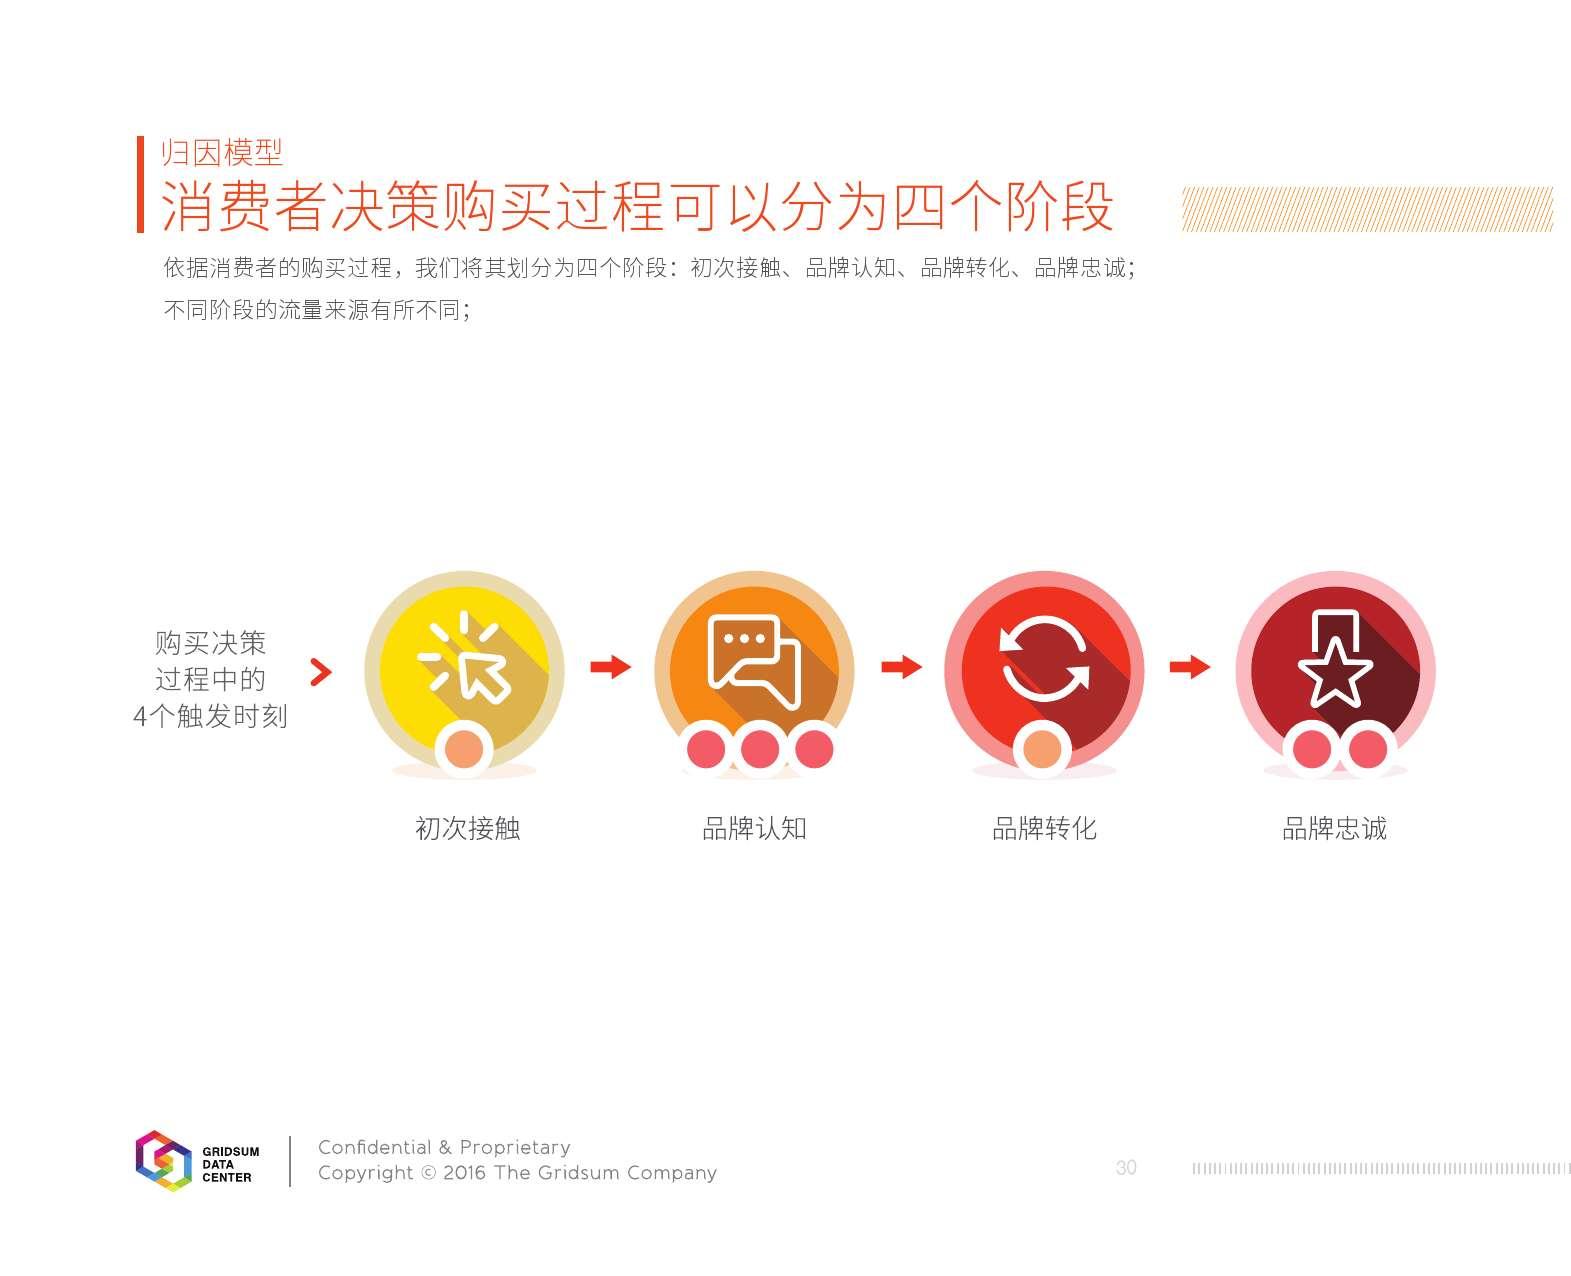 2015中国互联网发展报告_000032